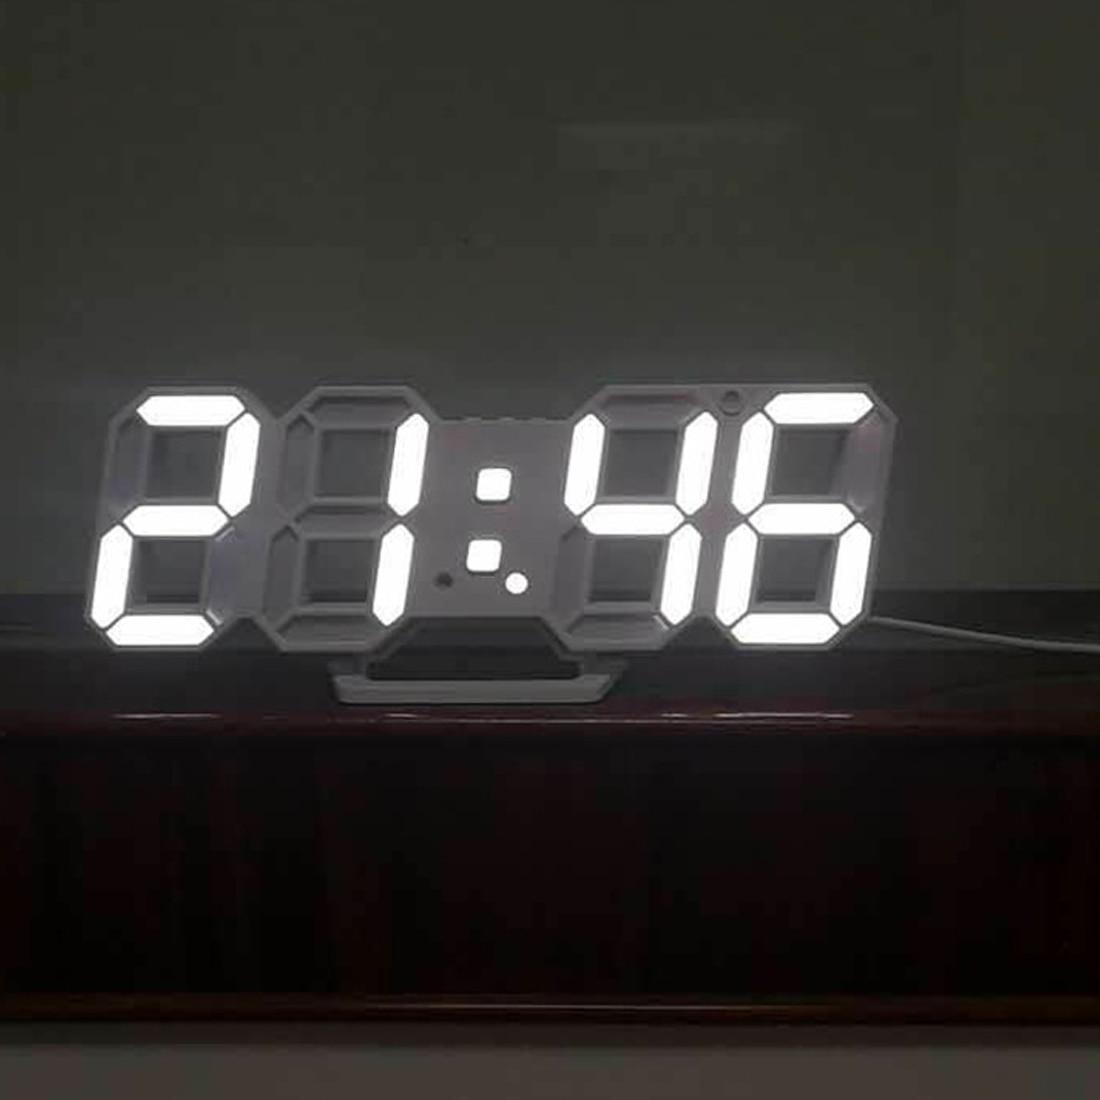 Горячие Современные Настенные часы цифровой светодиодный настольные часы 24 или 12 час Дисплей часовой механизм сигнализации Настольные сиг...